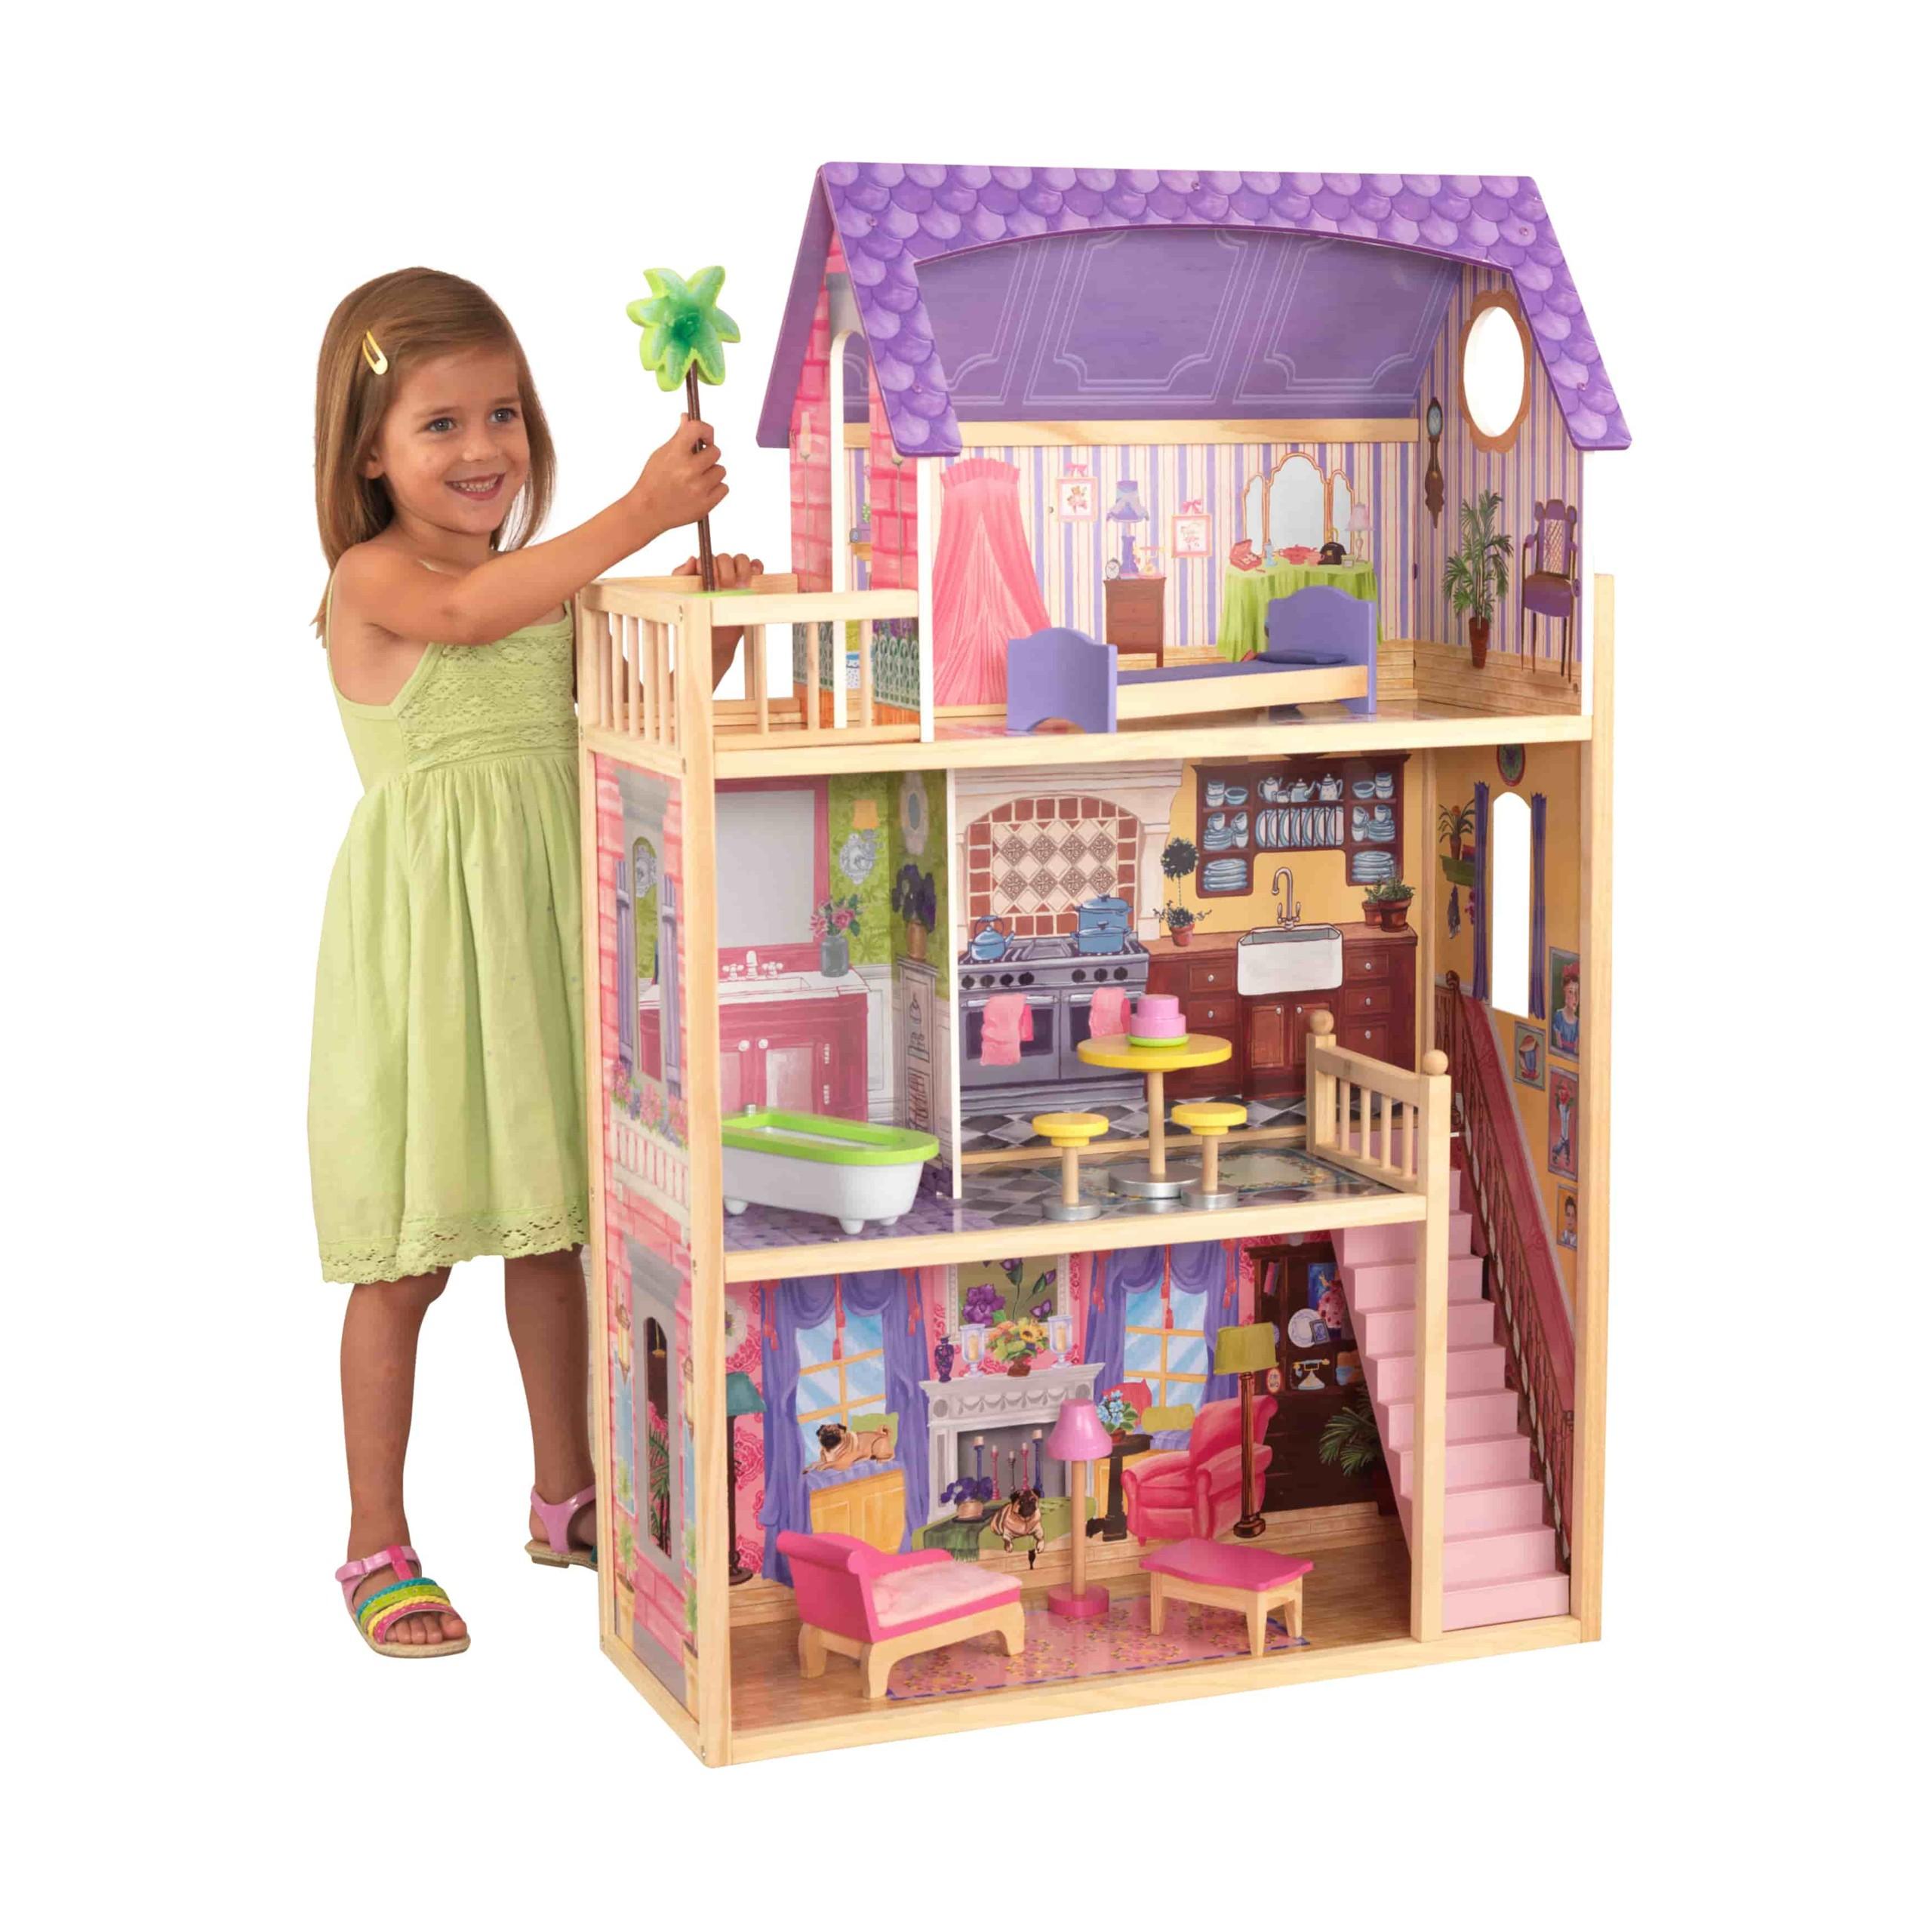 Къща за кукли от дърво – Кайла - Kidkraft дървени къщи за кукли(2)-bellamiestore